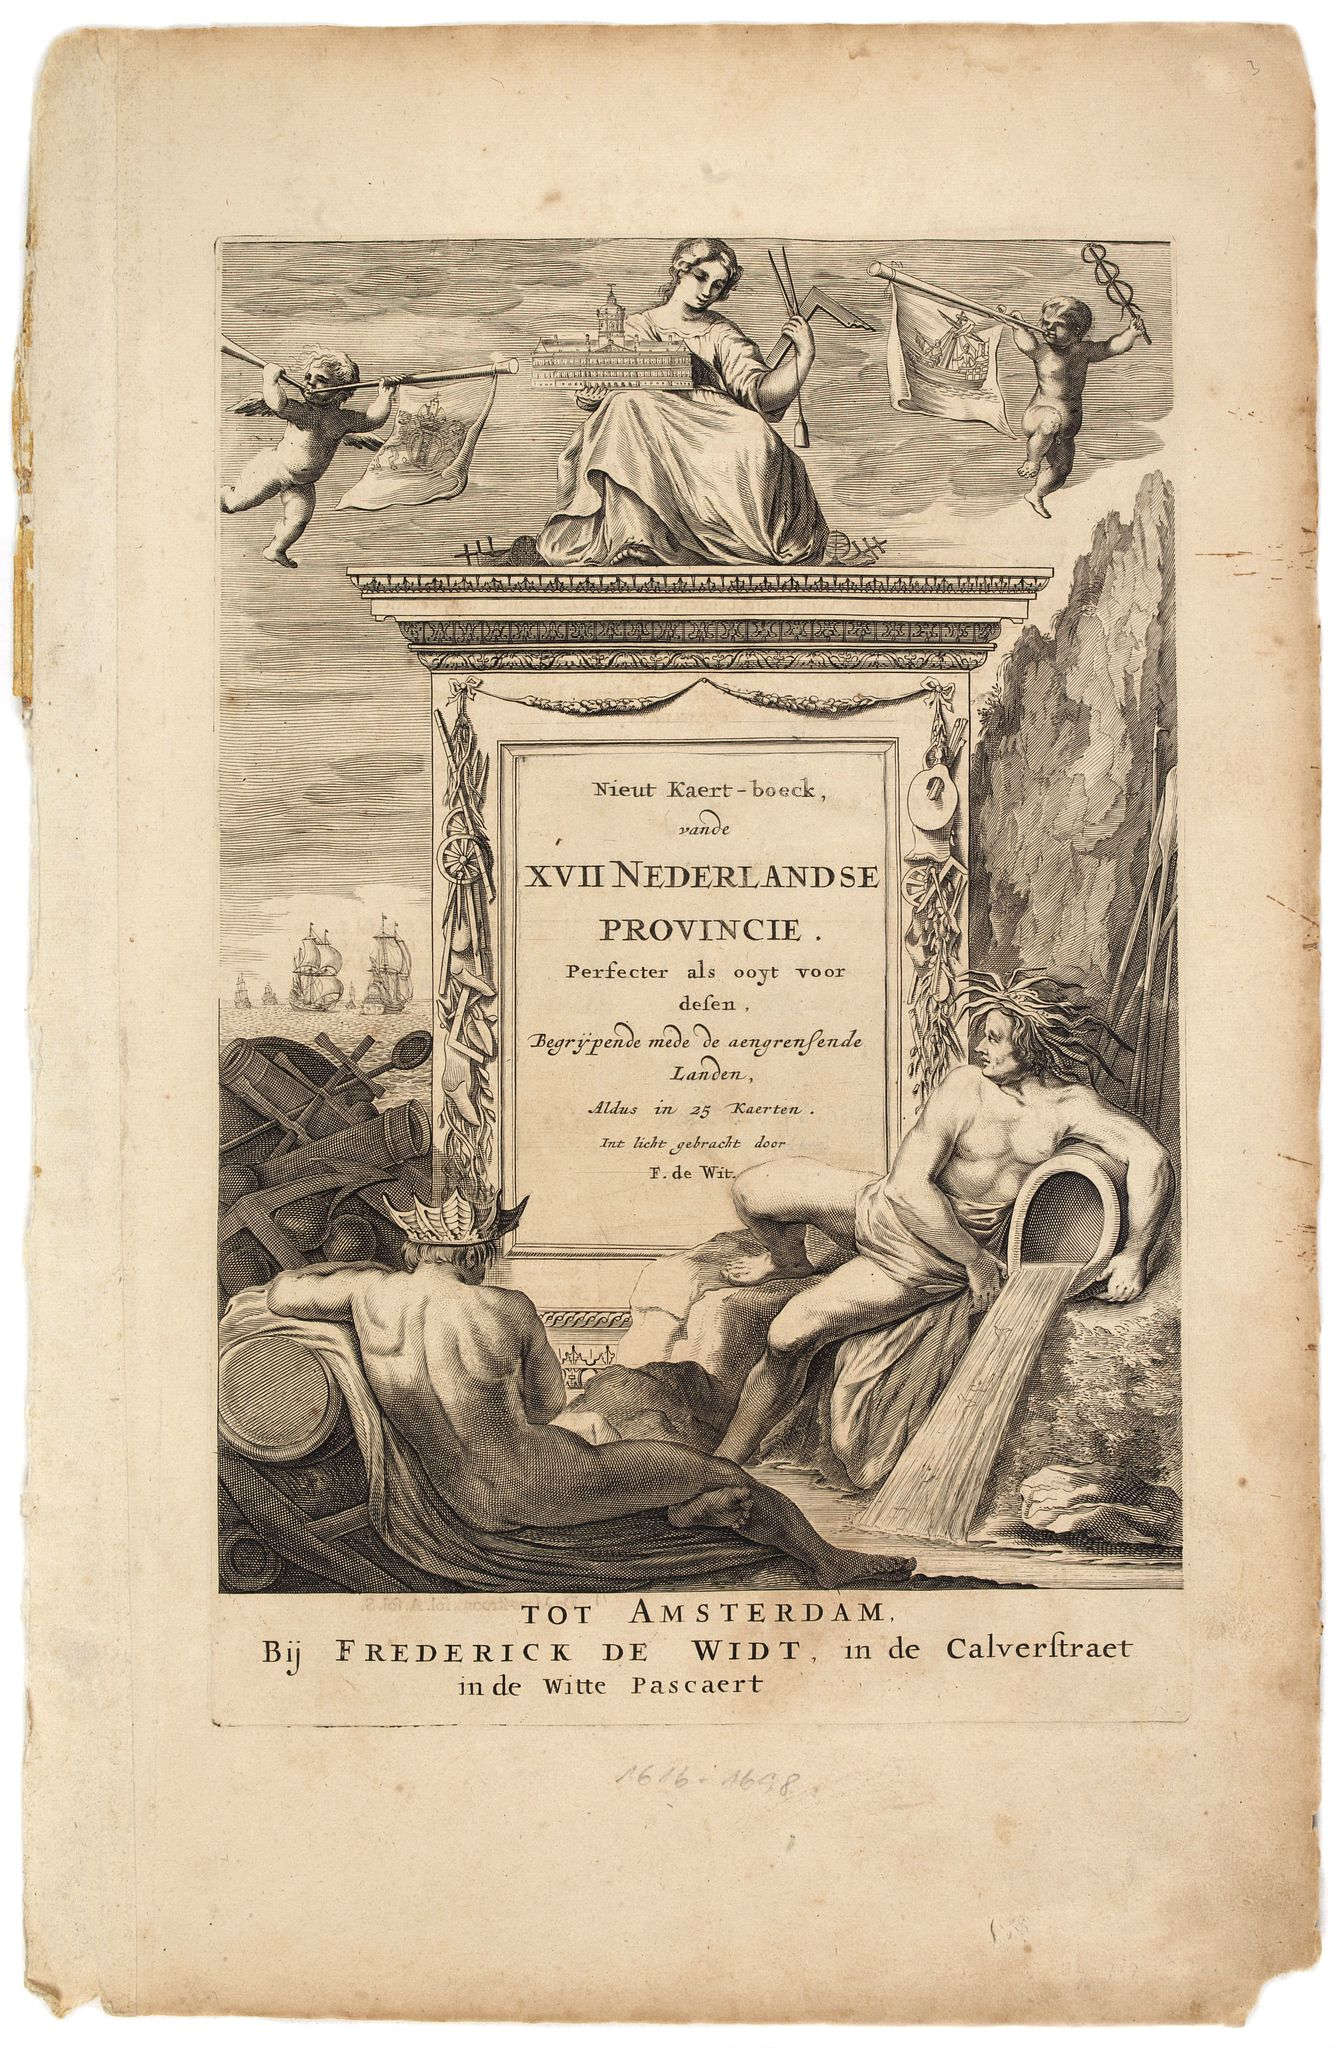 DE WIT, F. -  [Title page] Nieut Kaert-boeck, vande XVII Nederlandse Provincie Perfecter als ooyt voor desen, Begrypende mede de aengrensende Landen . . .